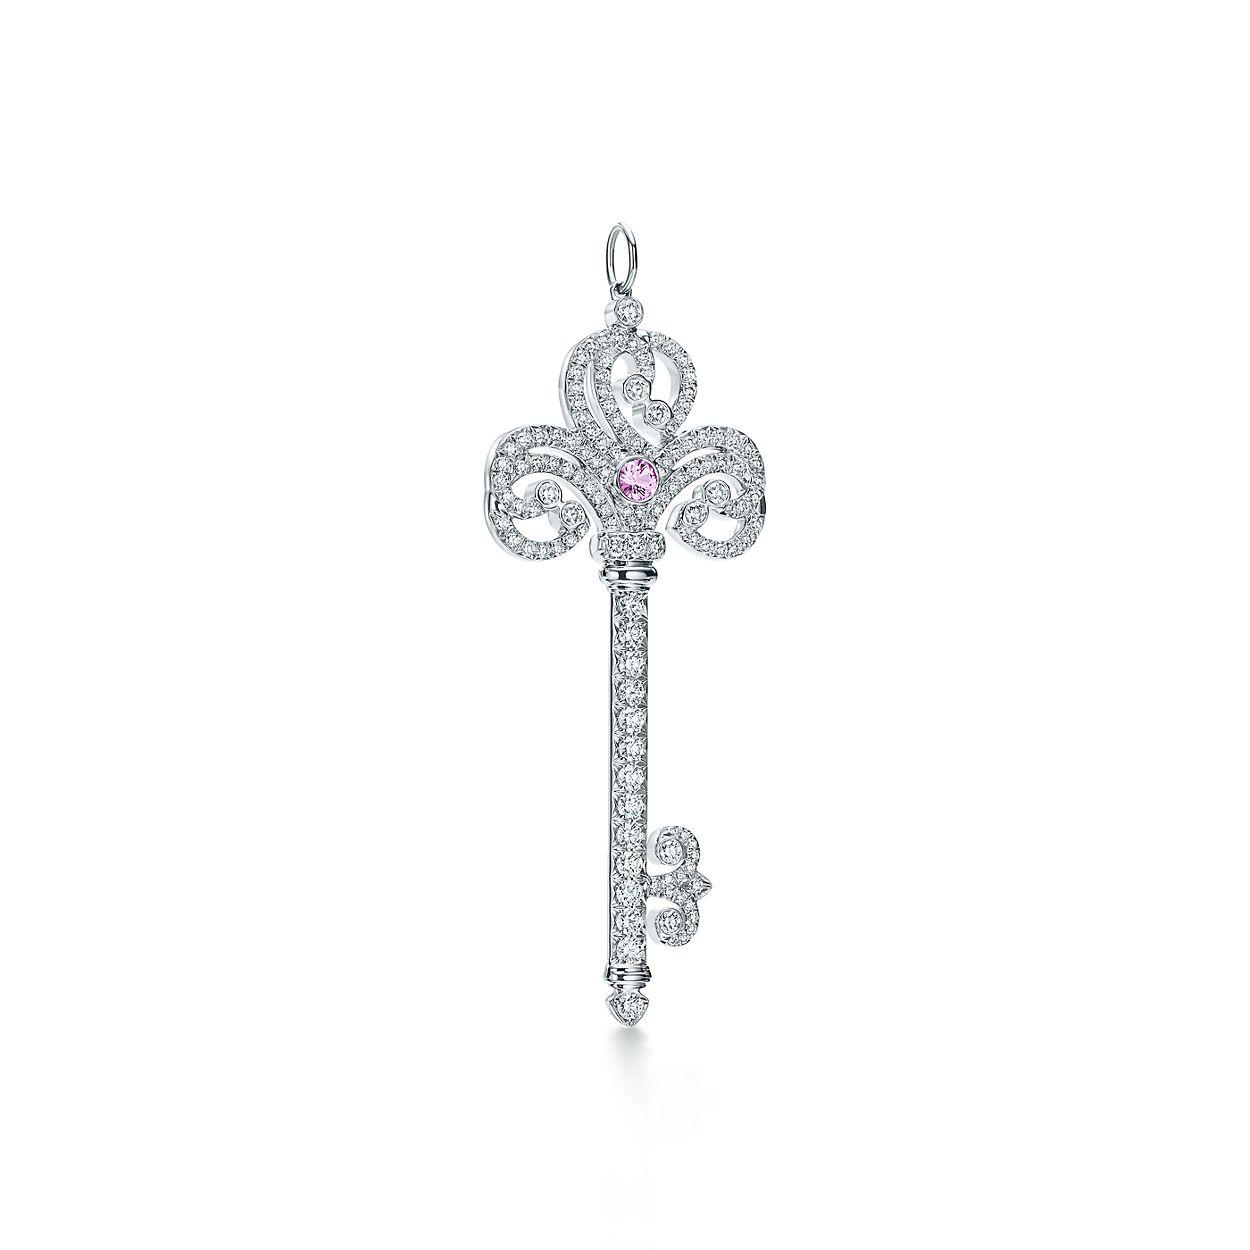 Tiffany keys enchant heart key pendant in platinum with gemstones tiffany keysenchant heart keybrpendant aloadofball Gallery